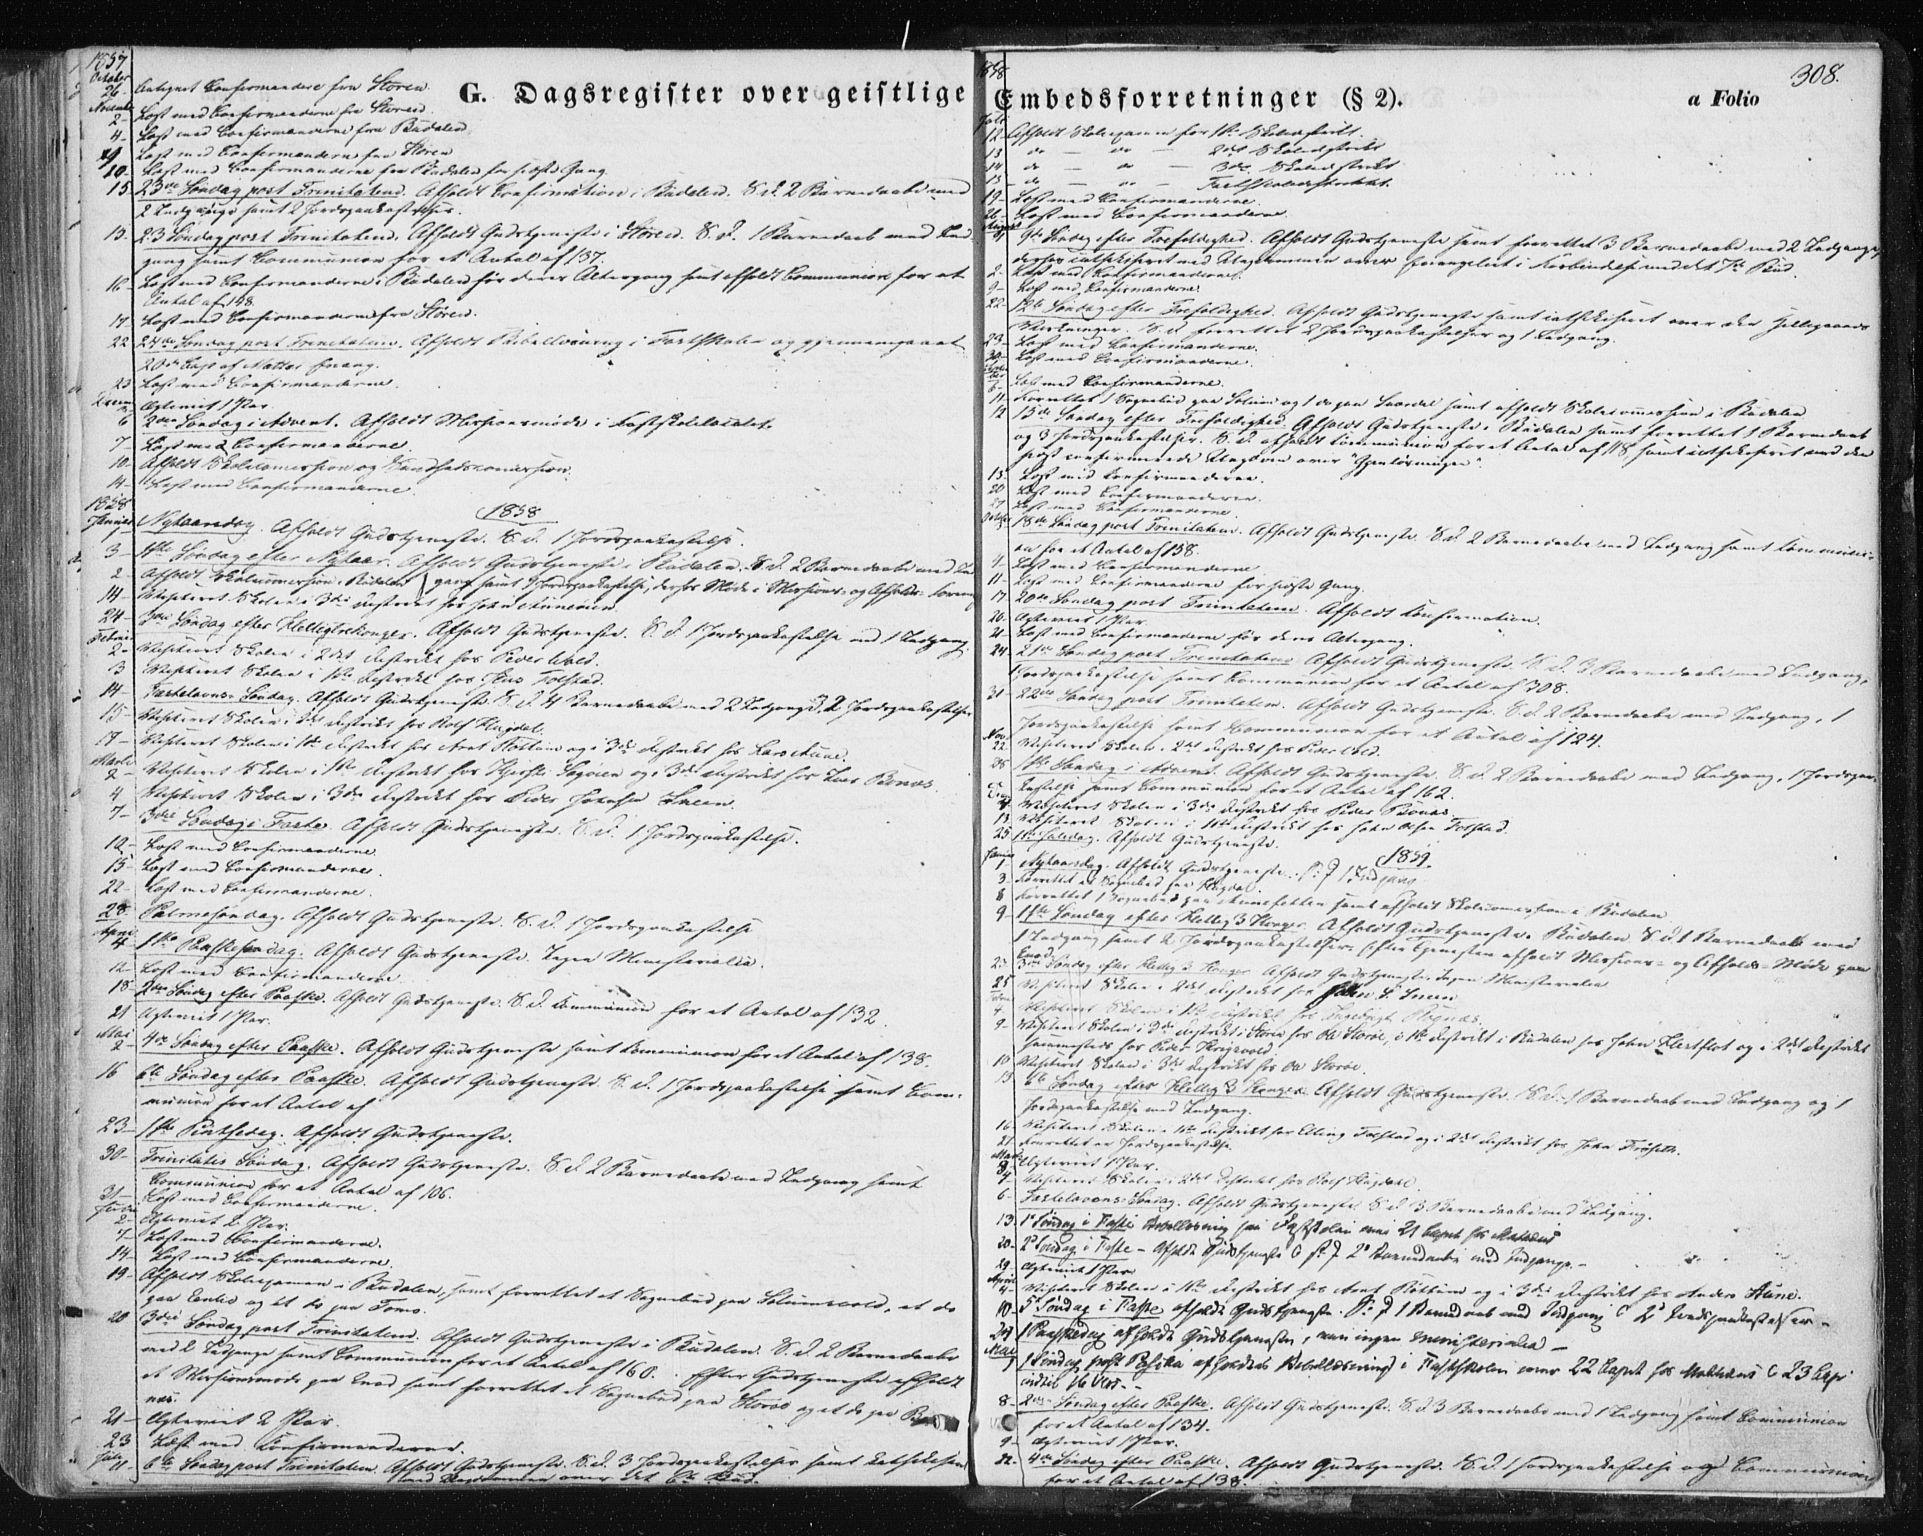 SAT, Ministerialprotokoller, klokkerbøker og fødselsregistre - Sør-Trøndelag, 687/L1000: Ministerialbok nr. 687A06, 1848-1869, s. 308